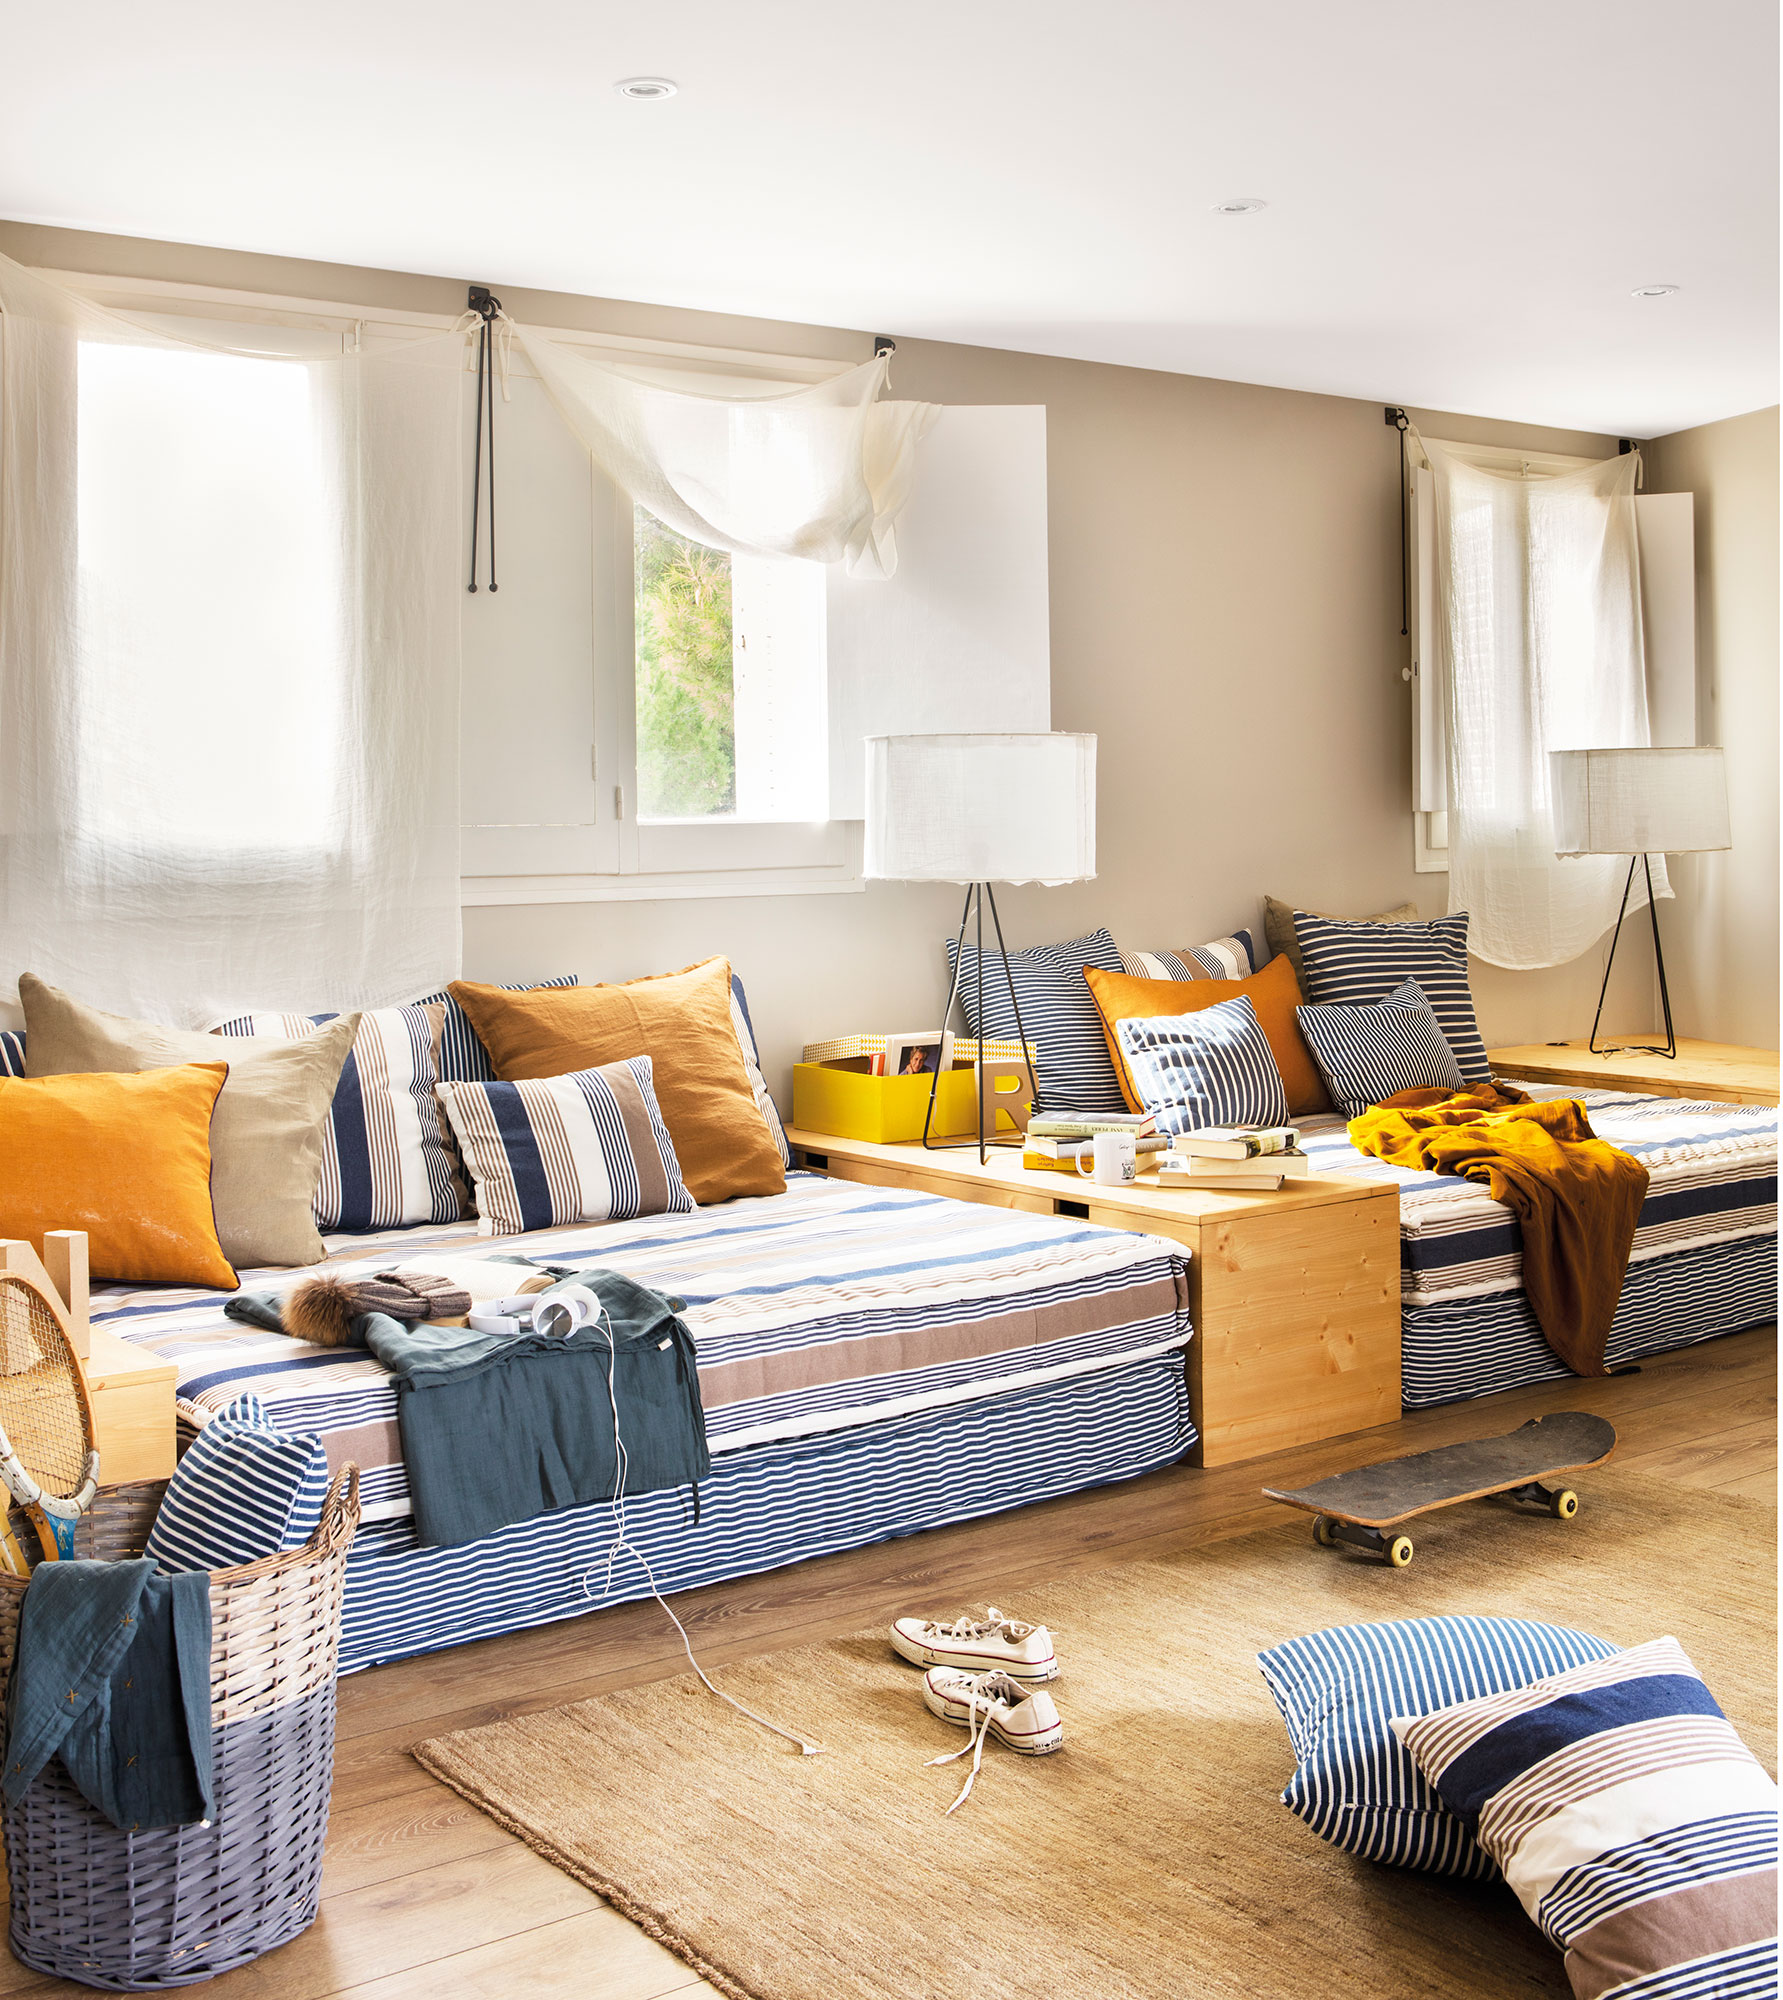 El Mostaza Est De Moda Buenas Ideas Para Decorar Con Este Color # Muebles Color Mostaza